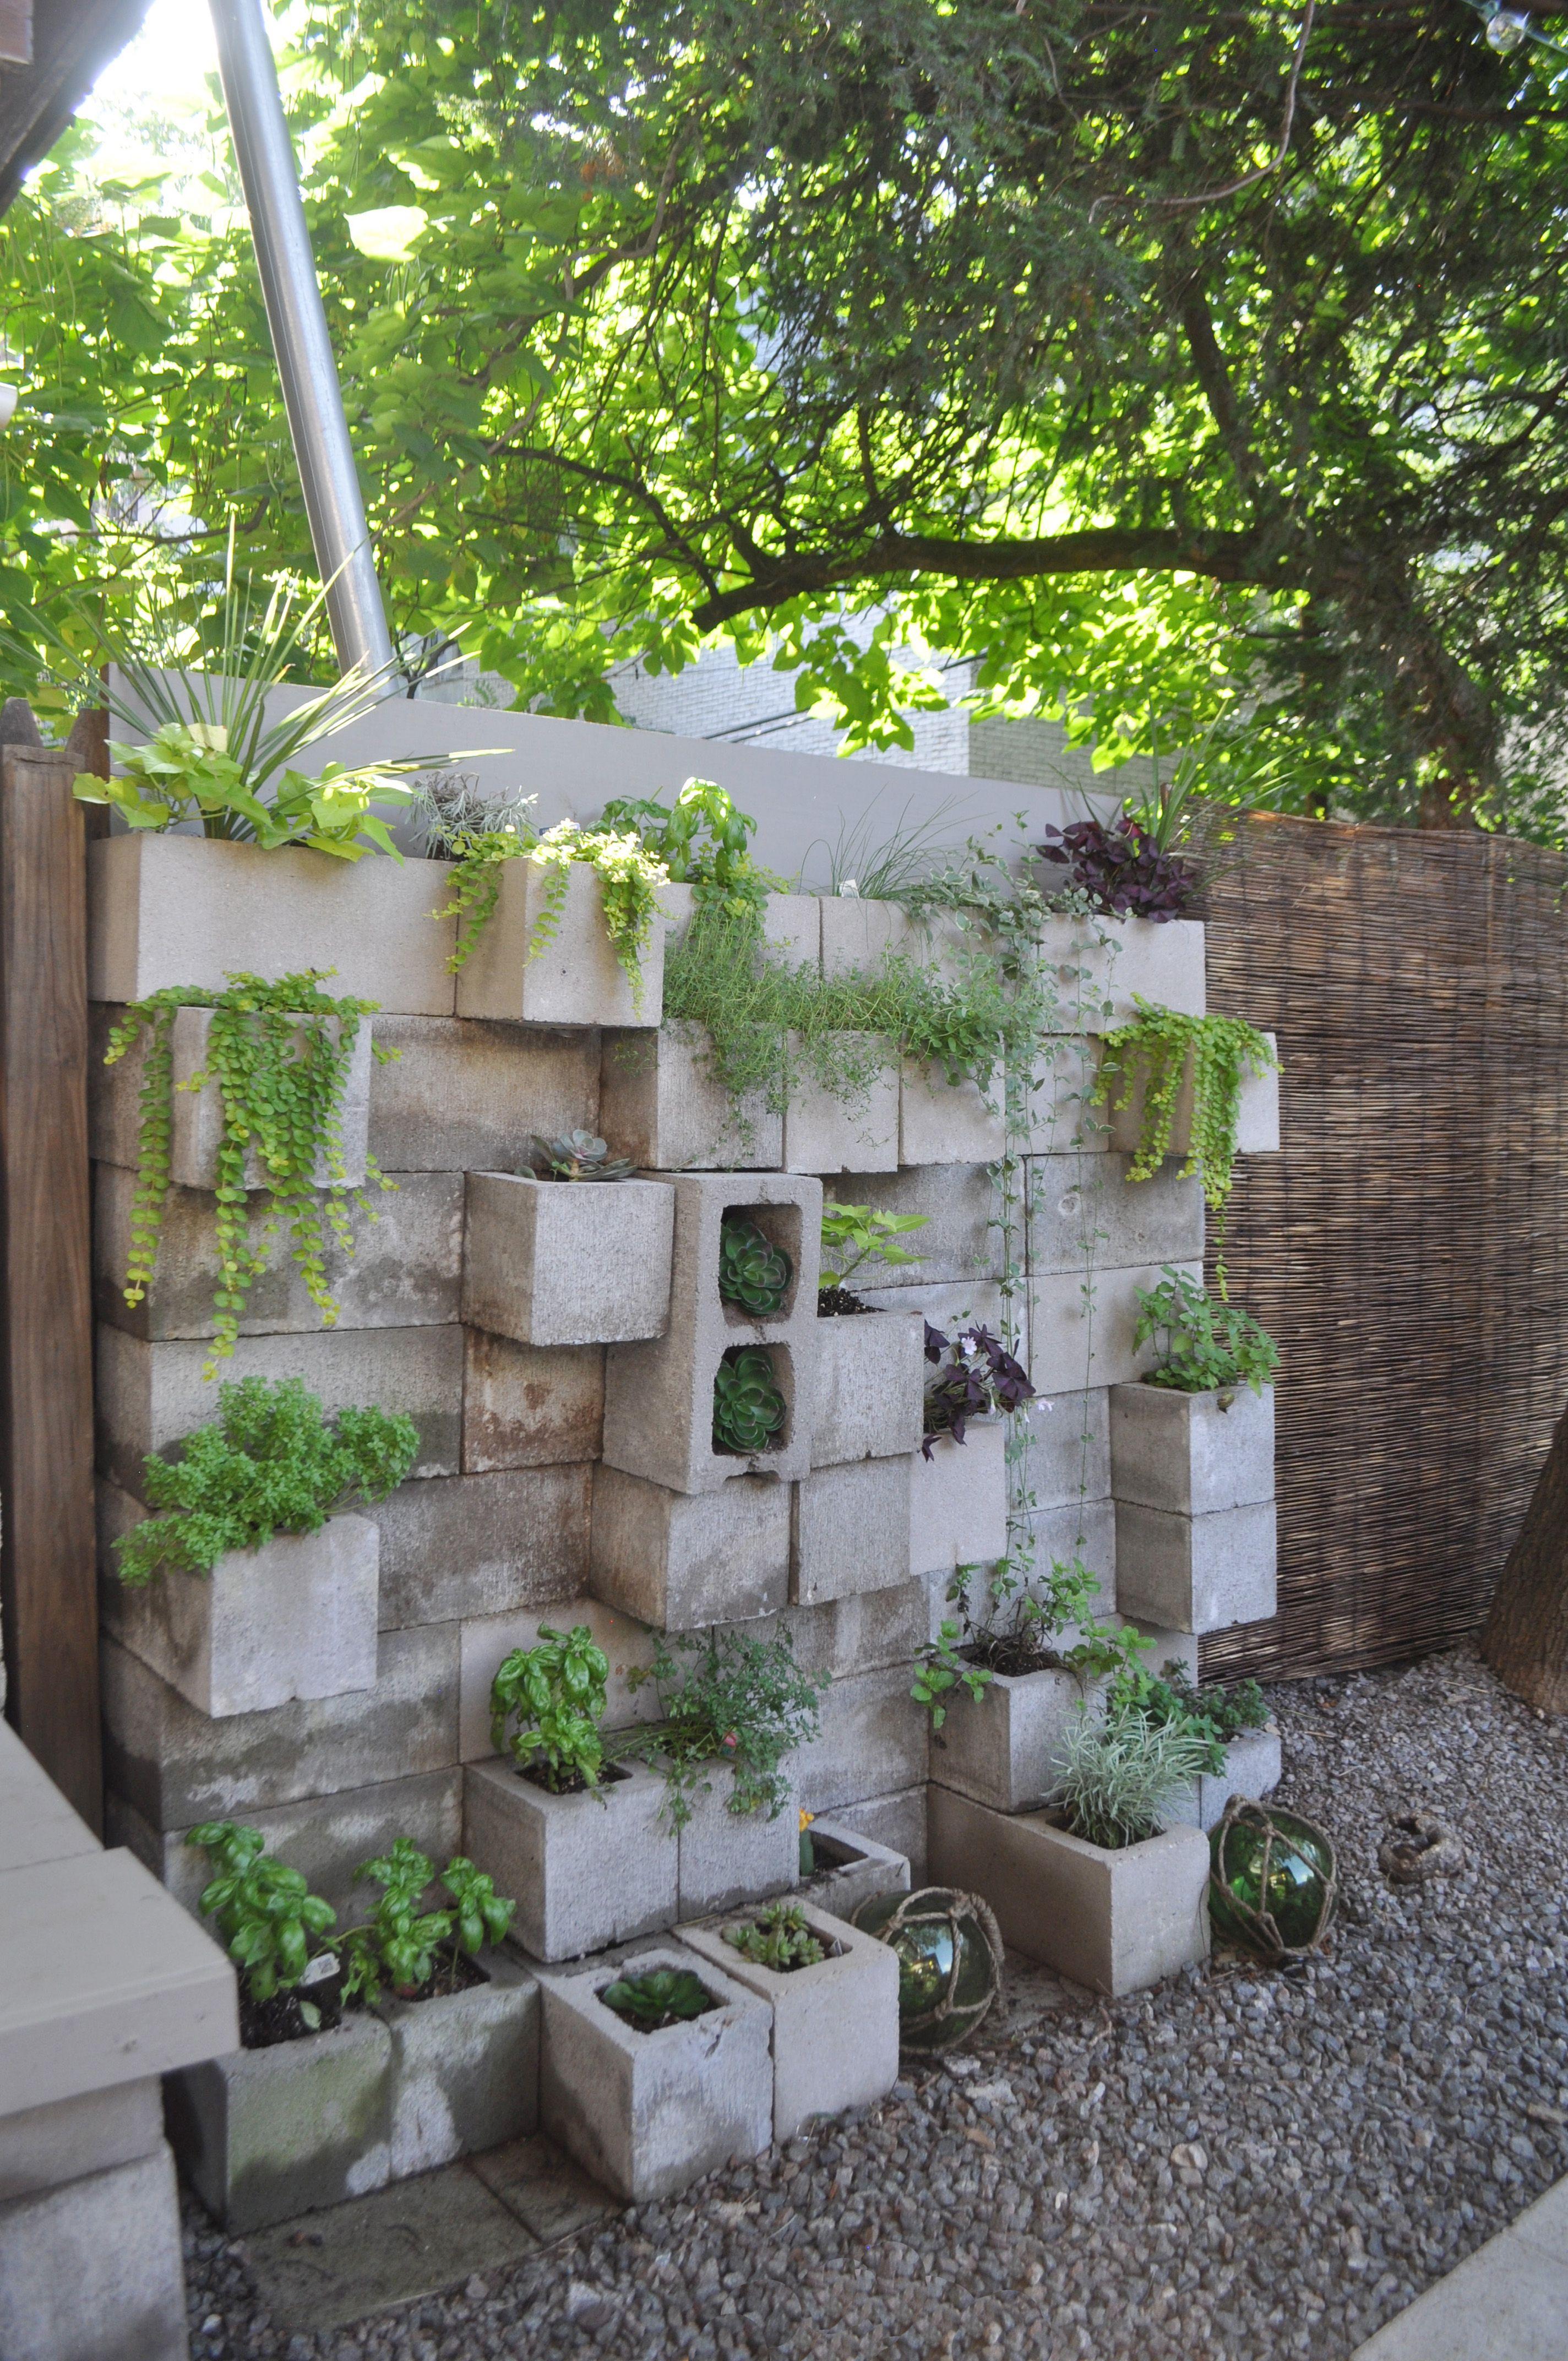 sofia s diy garden apartment in brooklyn diy garden haus ideen und g rten. Black Bedroom Furniture Sets. Home Design Ideas